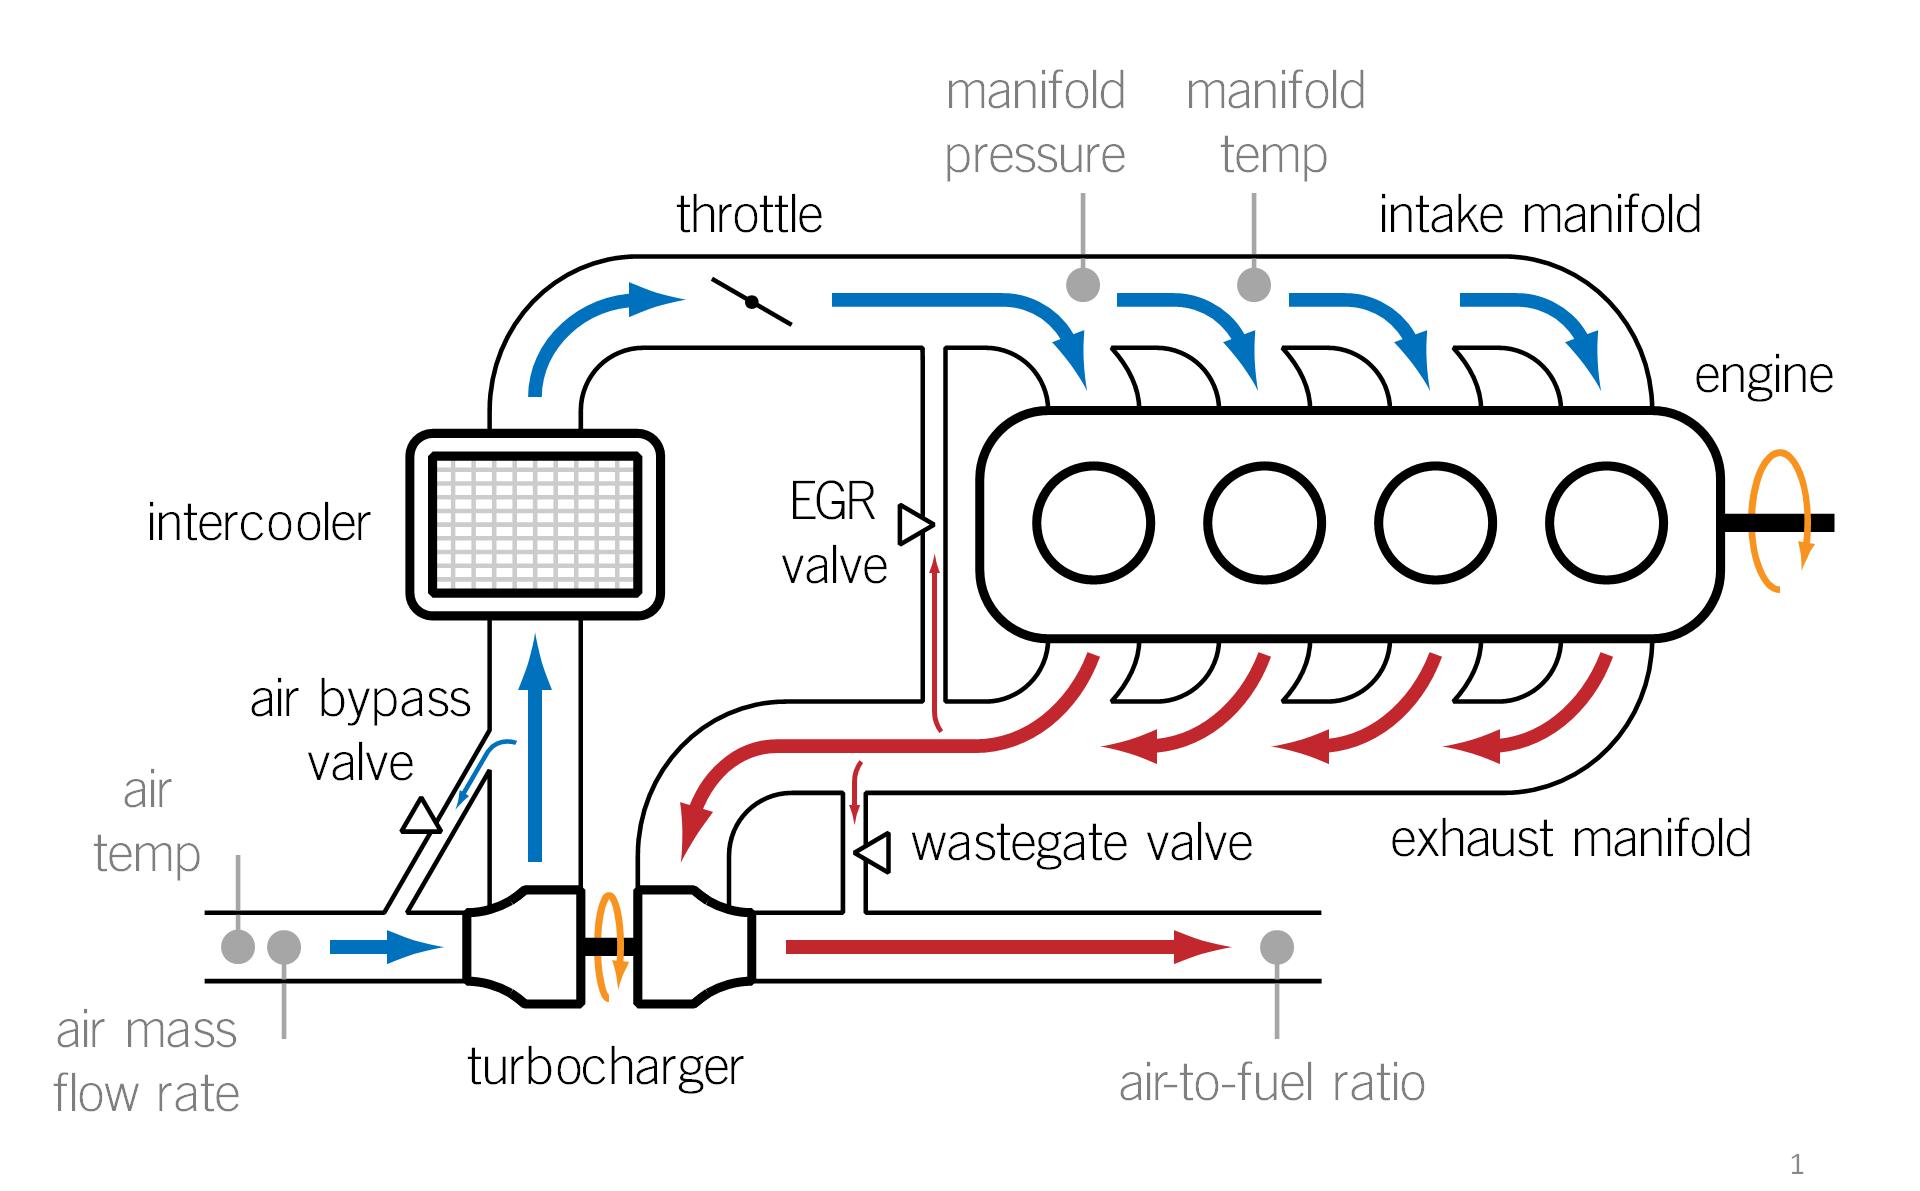 现代涡轮工作示意图 随后一战时期,法国工程师 奥古斯特拉斯多(Auguste Rateau)为使用雷诺引擎的飞机加装涡轮加压器且获得一些战役的胜利。1918年,通用电气工程师桑福德亚历山大莫斯(Sanford Alexander Moss)制造出 L12 Liberty涡轮增压航空发动机,在4300米高的科罗拉多州派克峰(每年6月在此举行国际爬山赛,多弯且垂直落差大,空气稀薄会使车辆损失30%的动力,稀薄燃烧也会造成引擎过热,对赛车性能是一个极大的考验)进行测试,证实涡轮机可以在减少自吸机在高海拔因为低